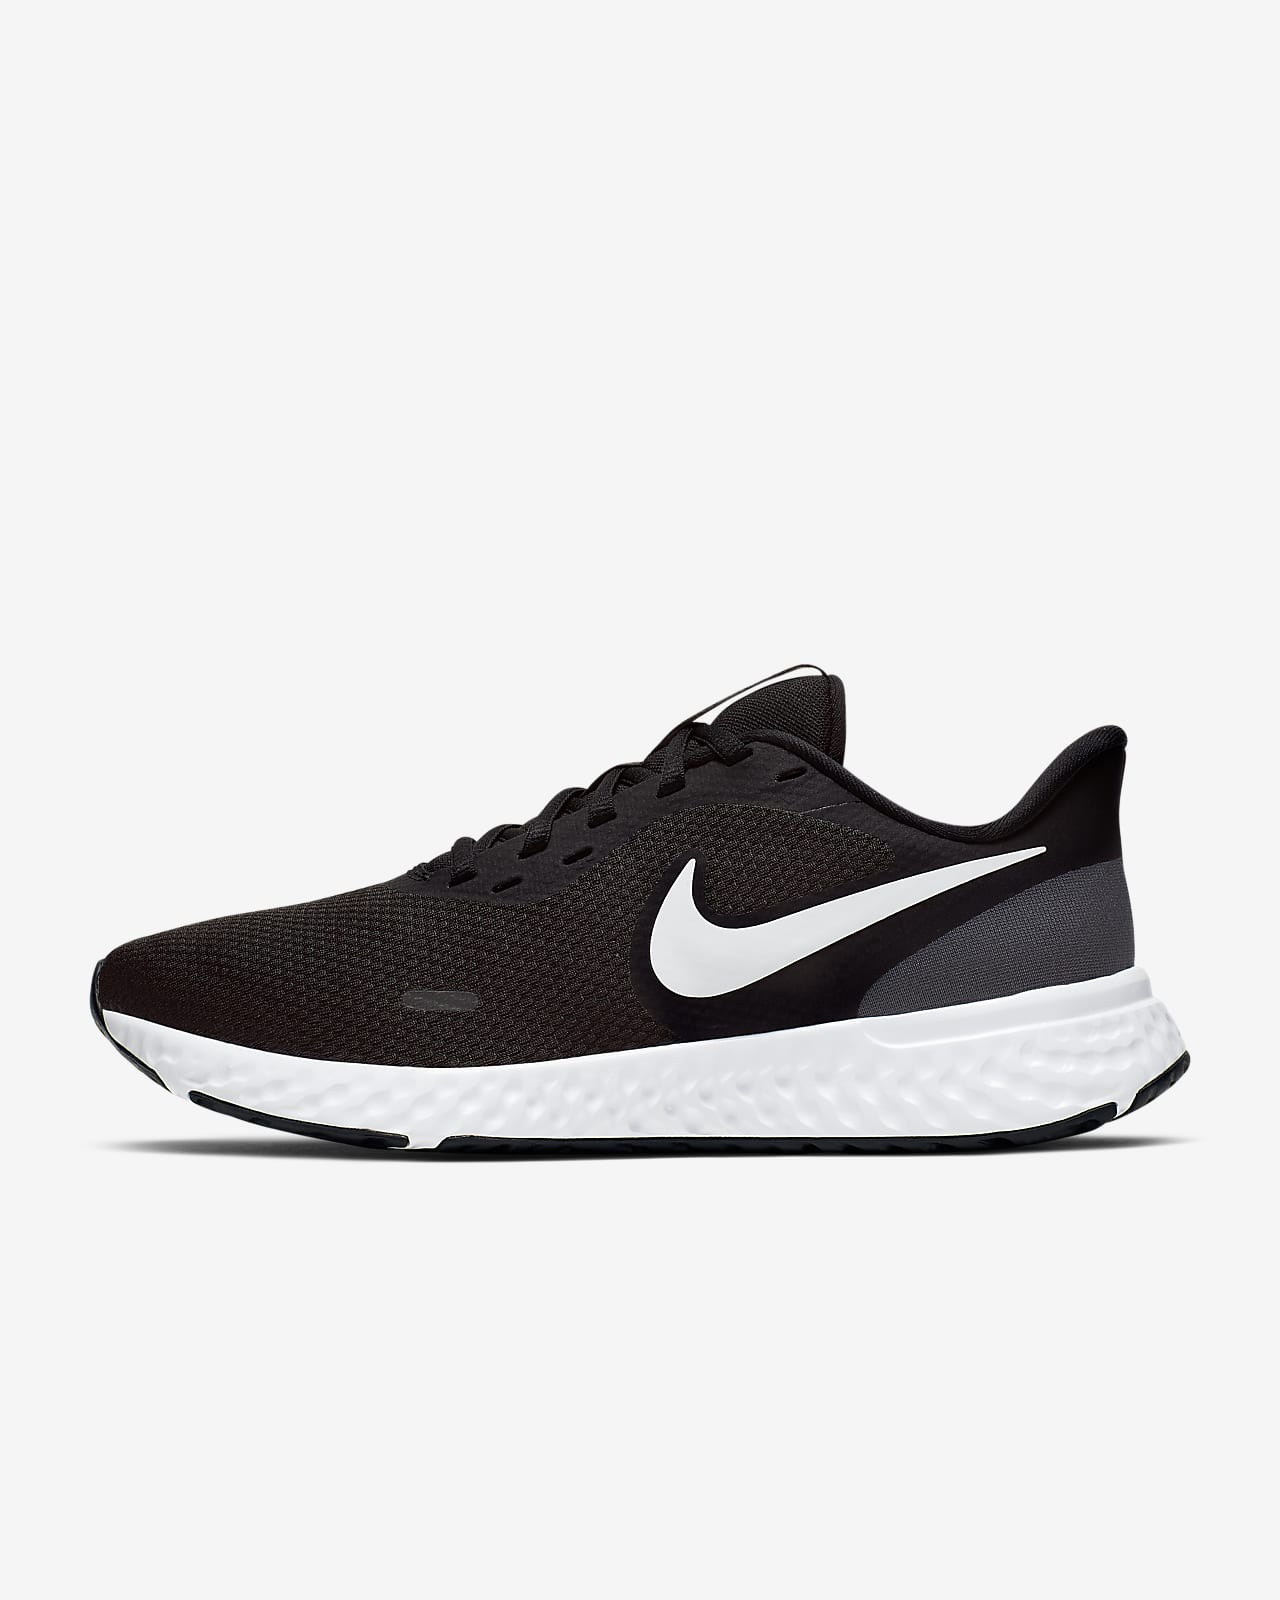 Γυναικεία παπούτσια για τρέξιμο σε δρόμο Nike Revolution 5